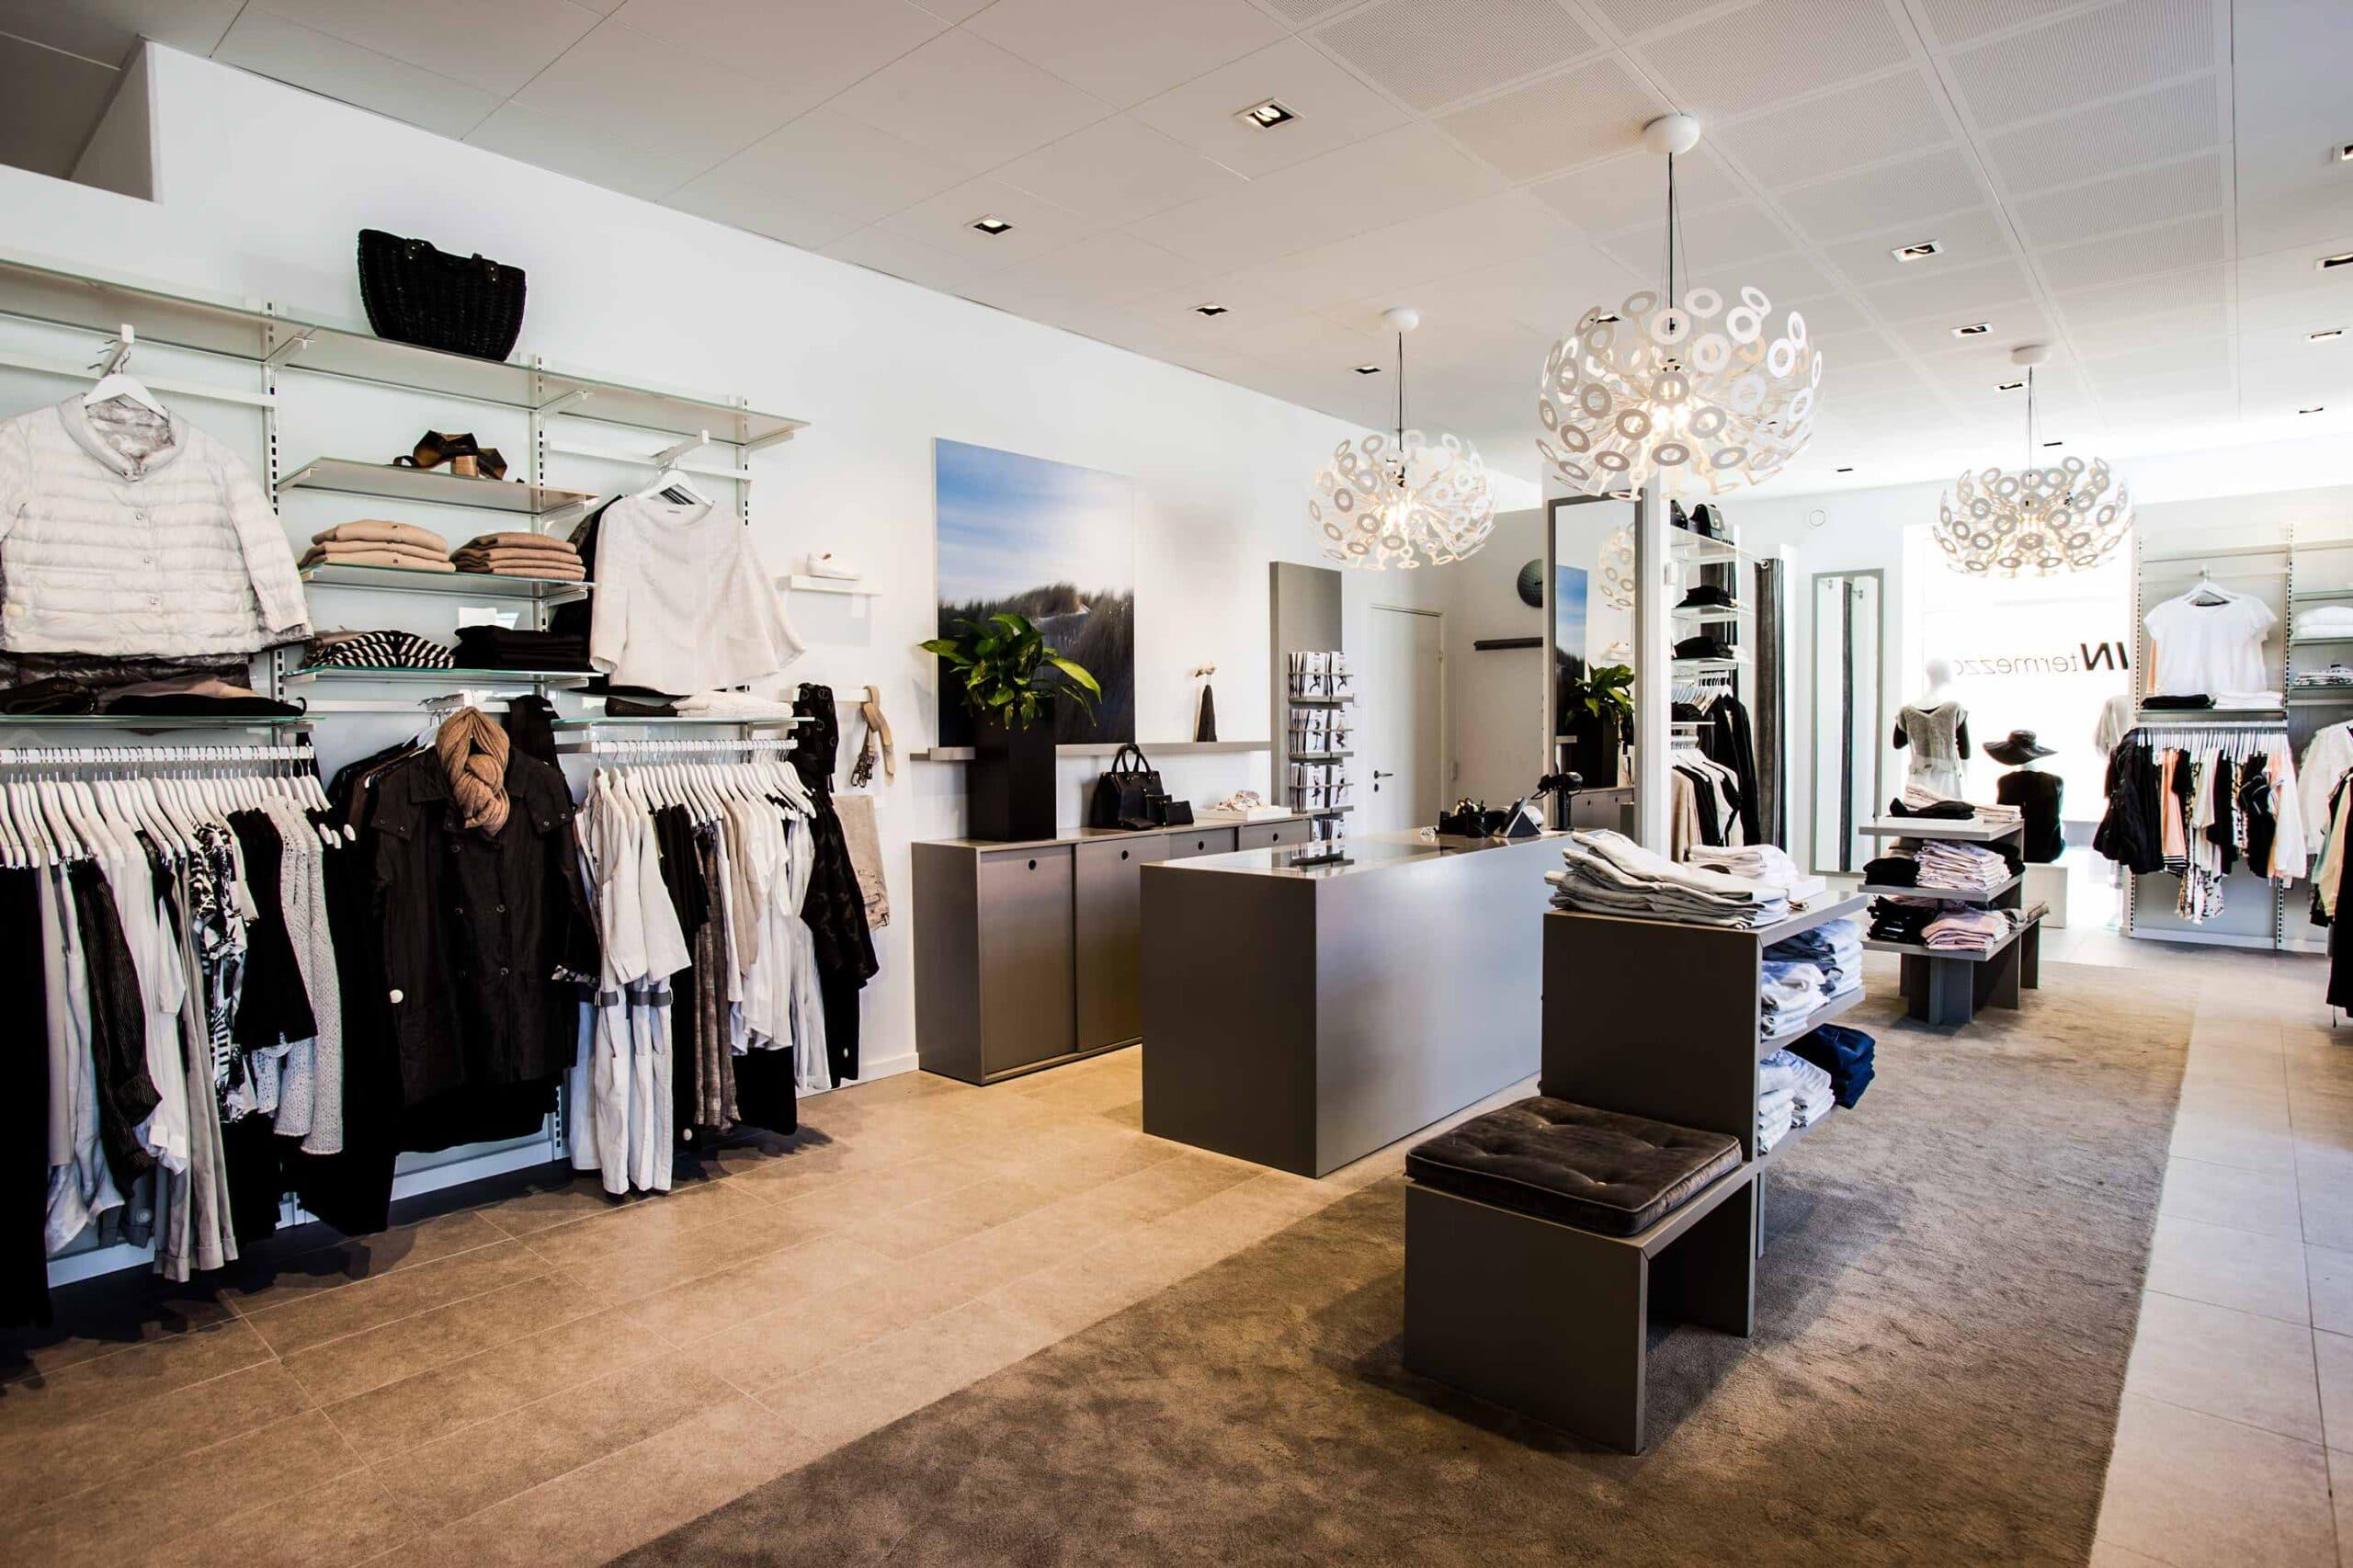 df0940e772b8 Tøjbutik med fokus på Modetøj og Designertøj til damer i Skagen